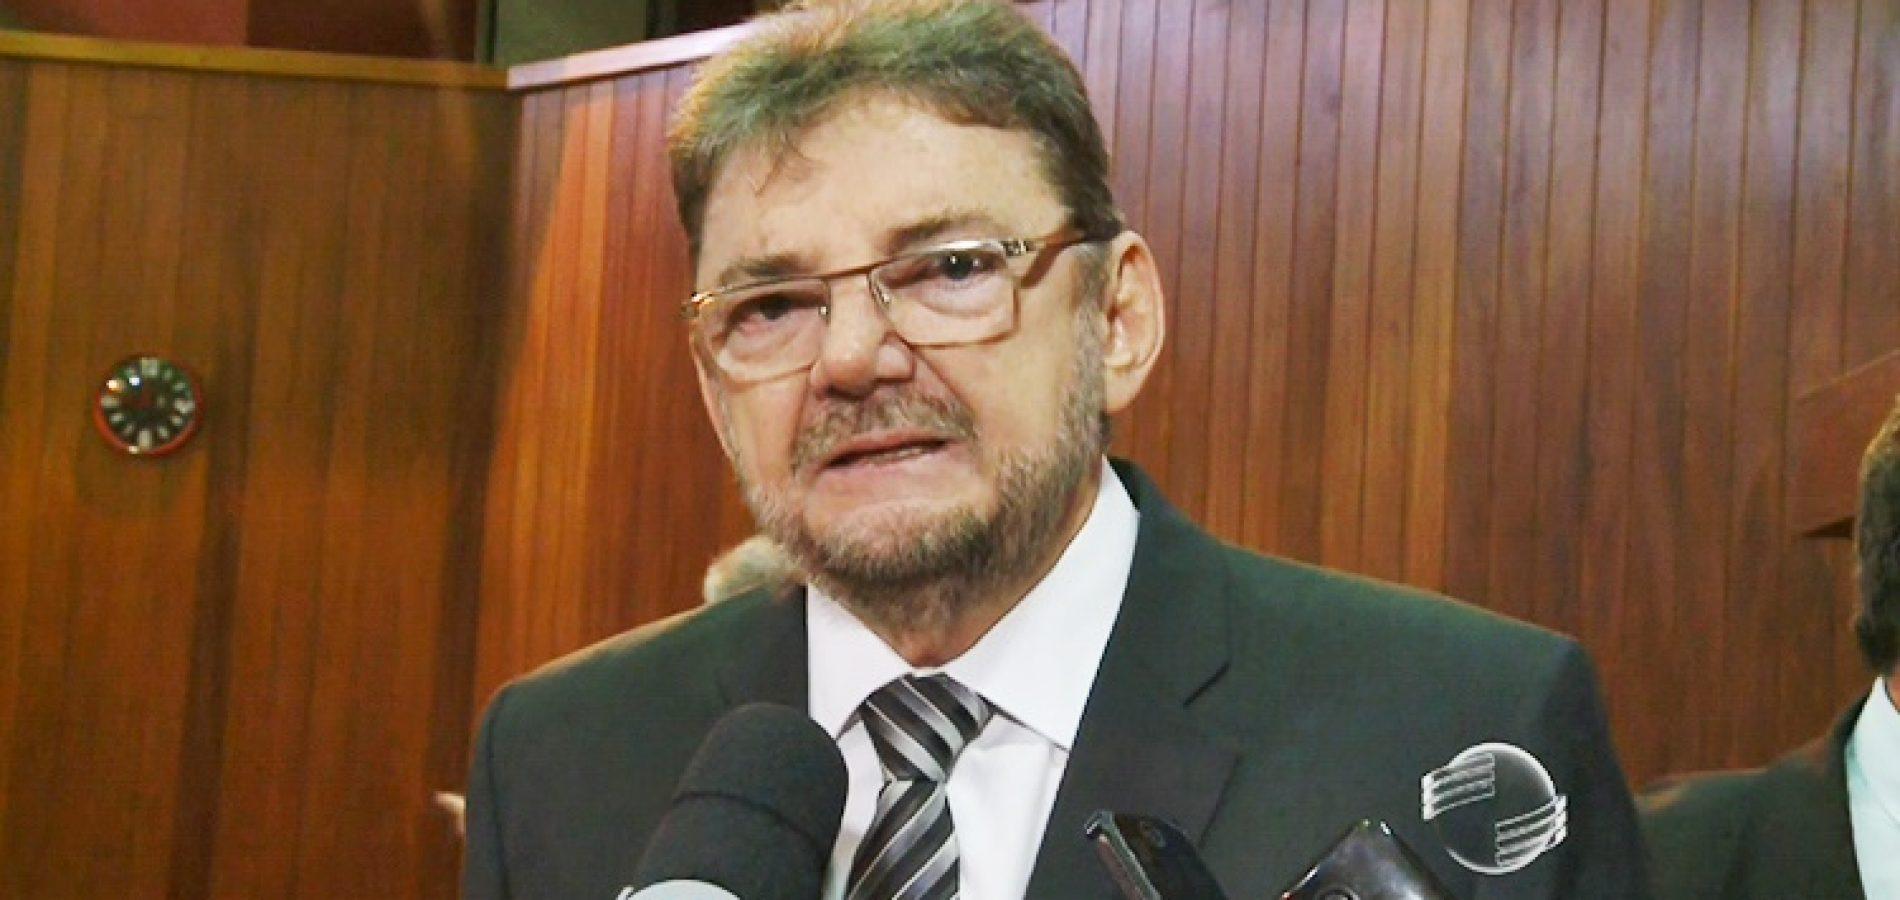 Wilson Martins diz que Elmano Férrer é mentiroso, incompetente e sem vocação para trabalhar